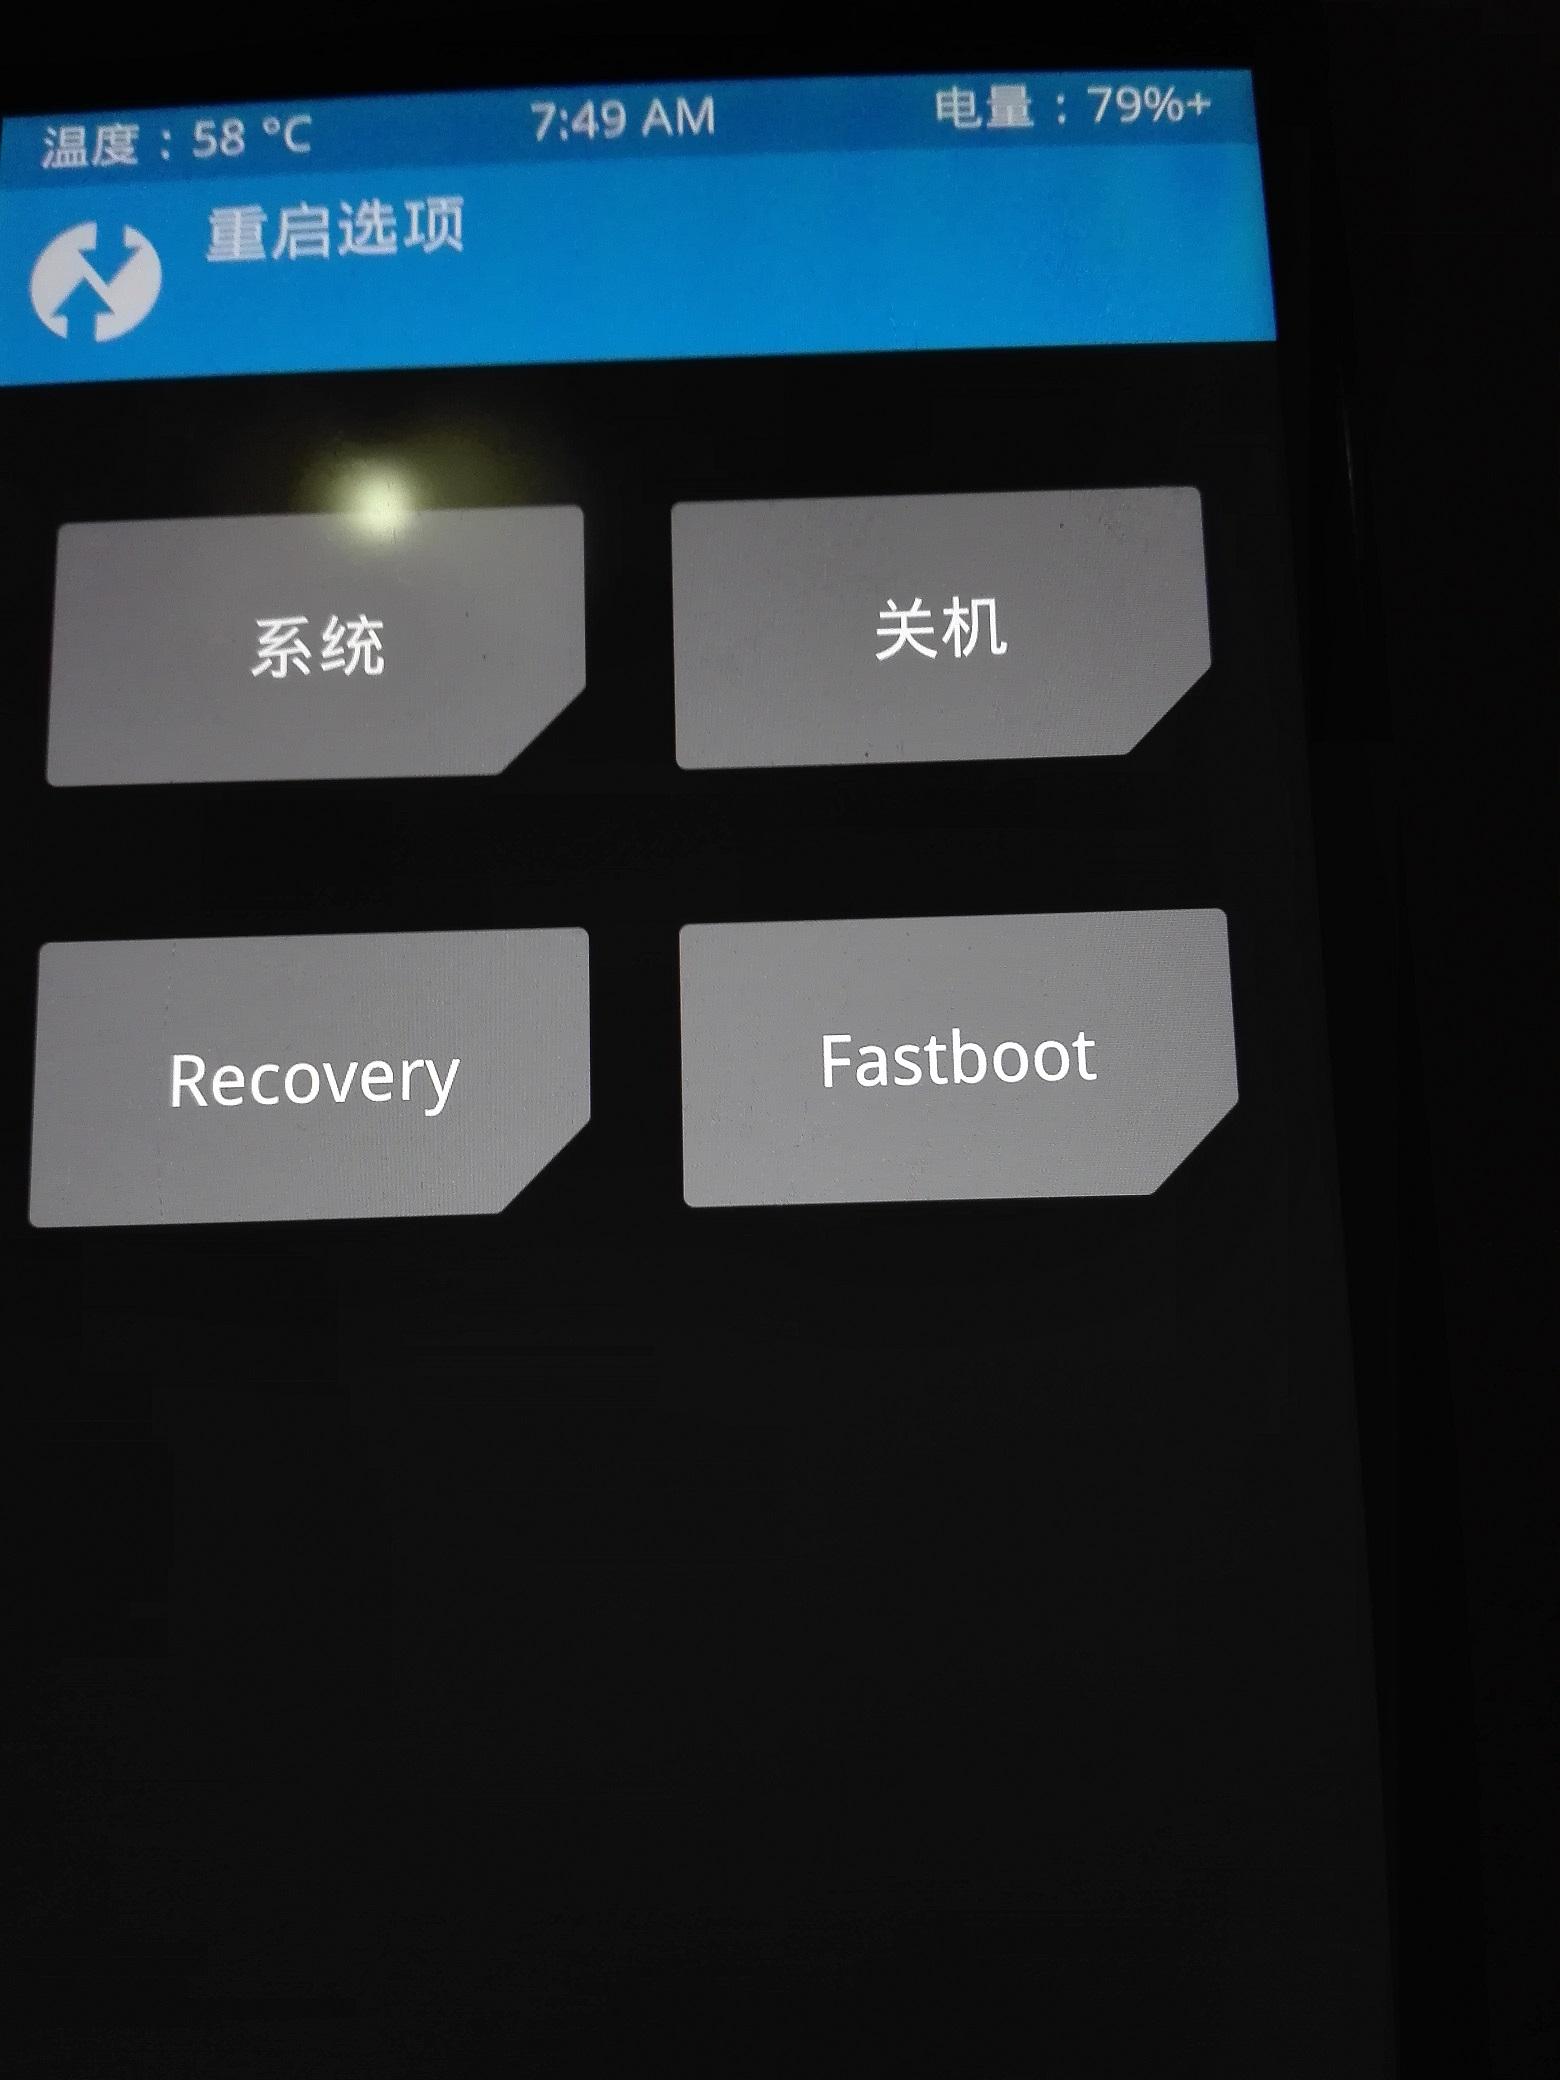 rebootopt1.jpg